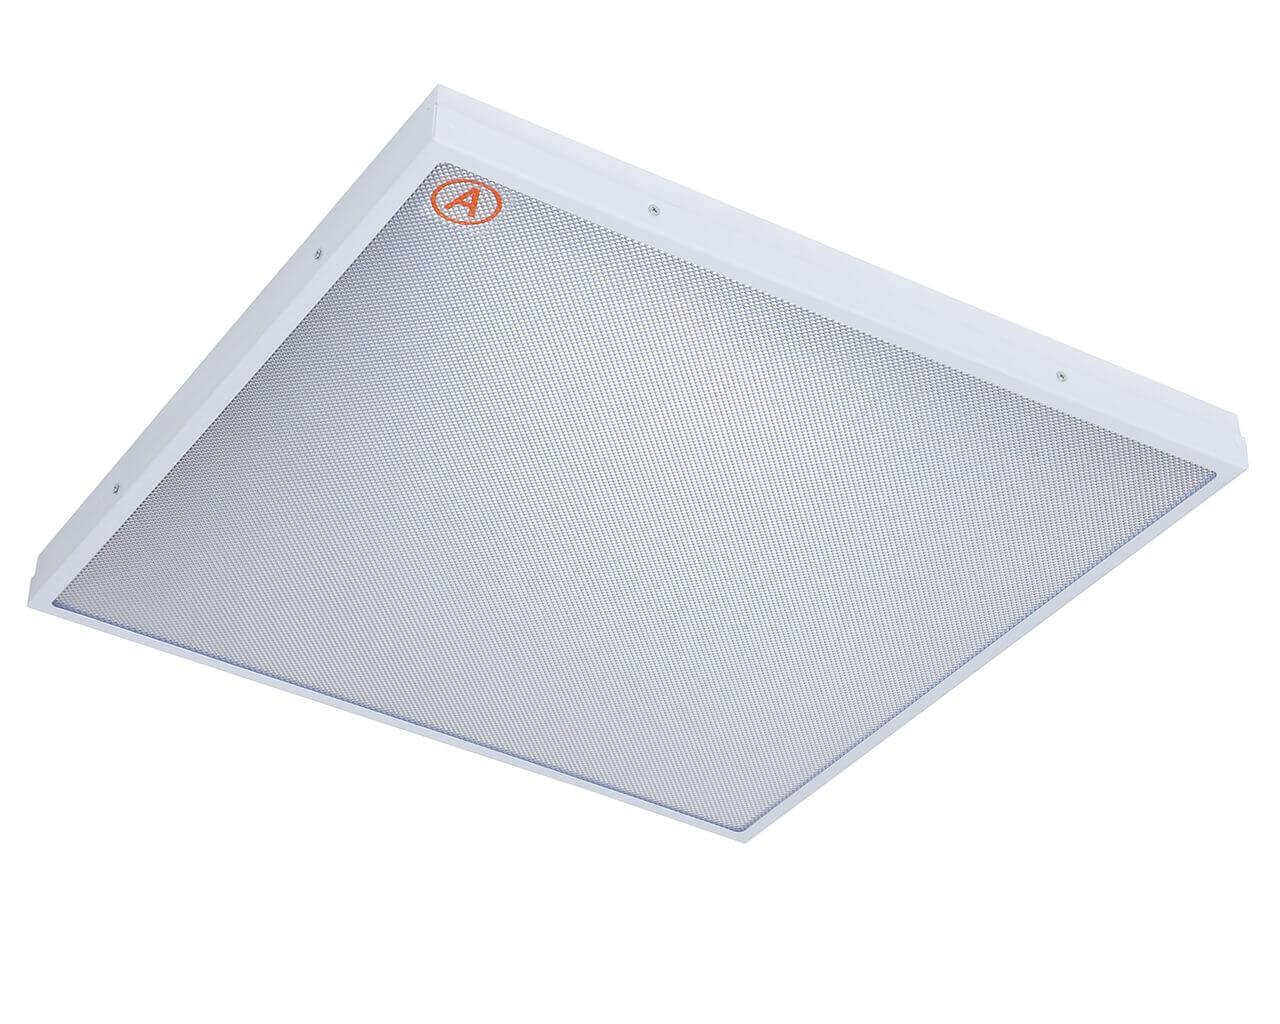 Встраиваемый светильник LC-SIP-40 595x595 Теплый белый Призма с Бап-3 часа